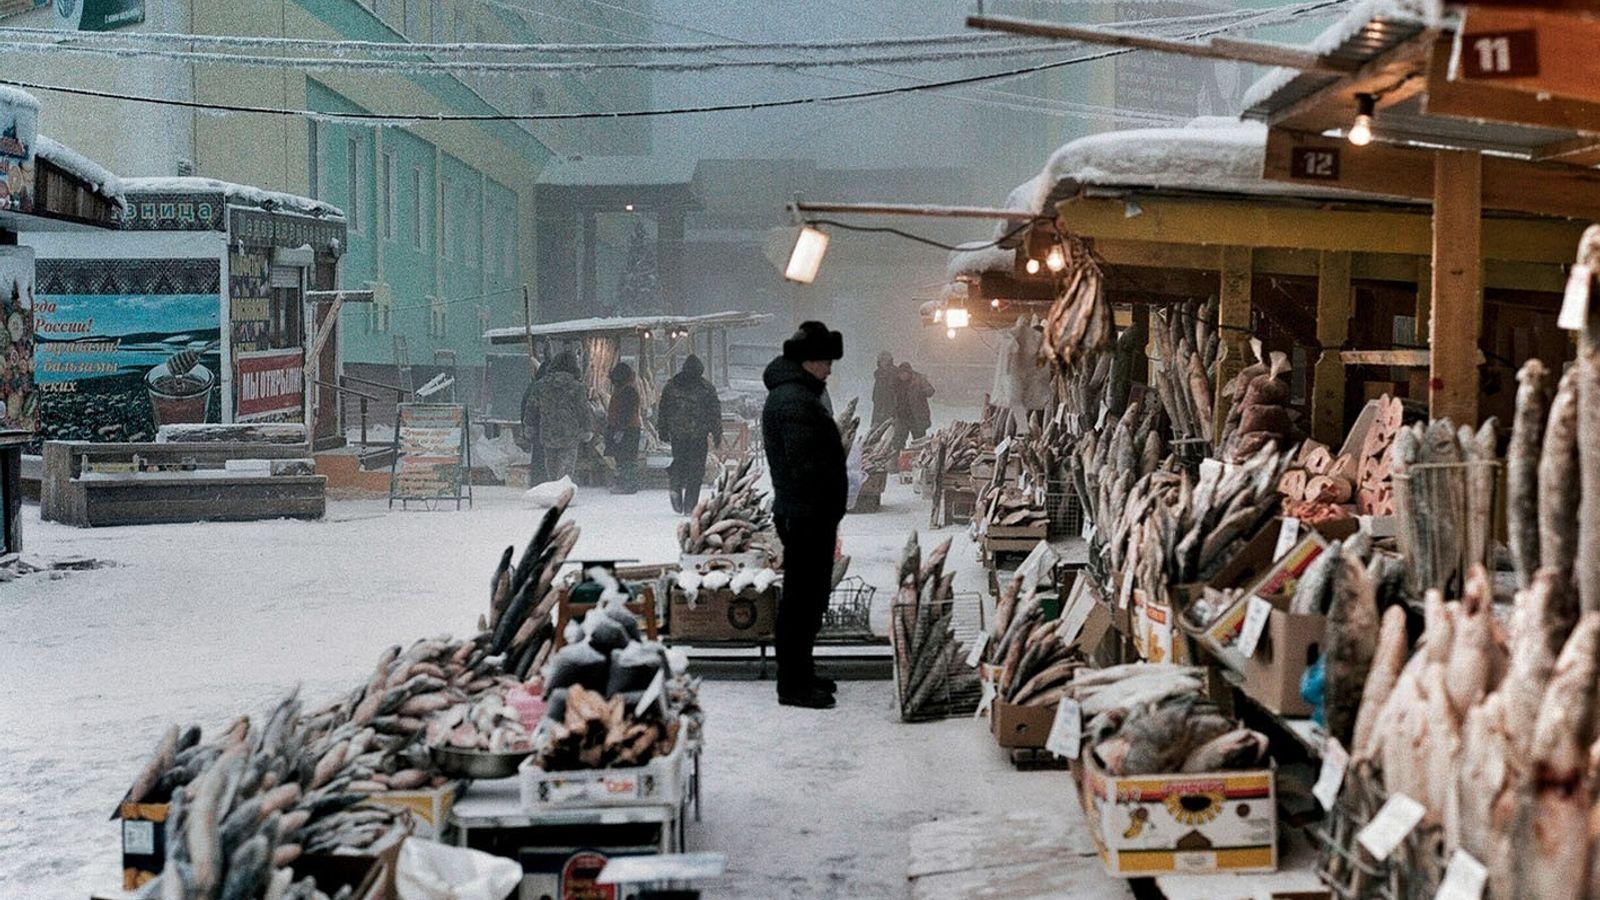 Le port de Iakoutsk sur la Lena permet de pêcher des poissons qui, dans le froid ...